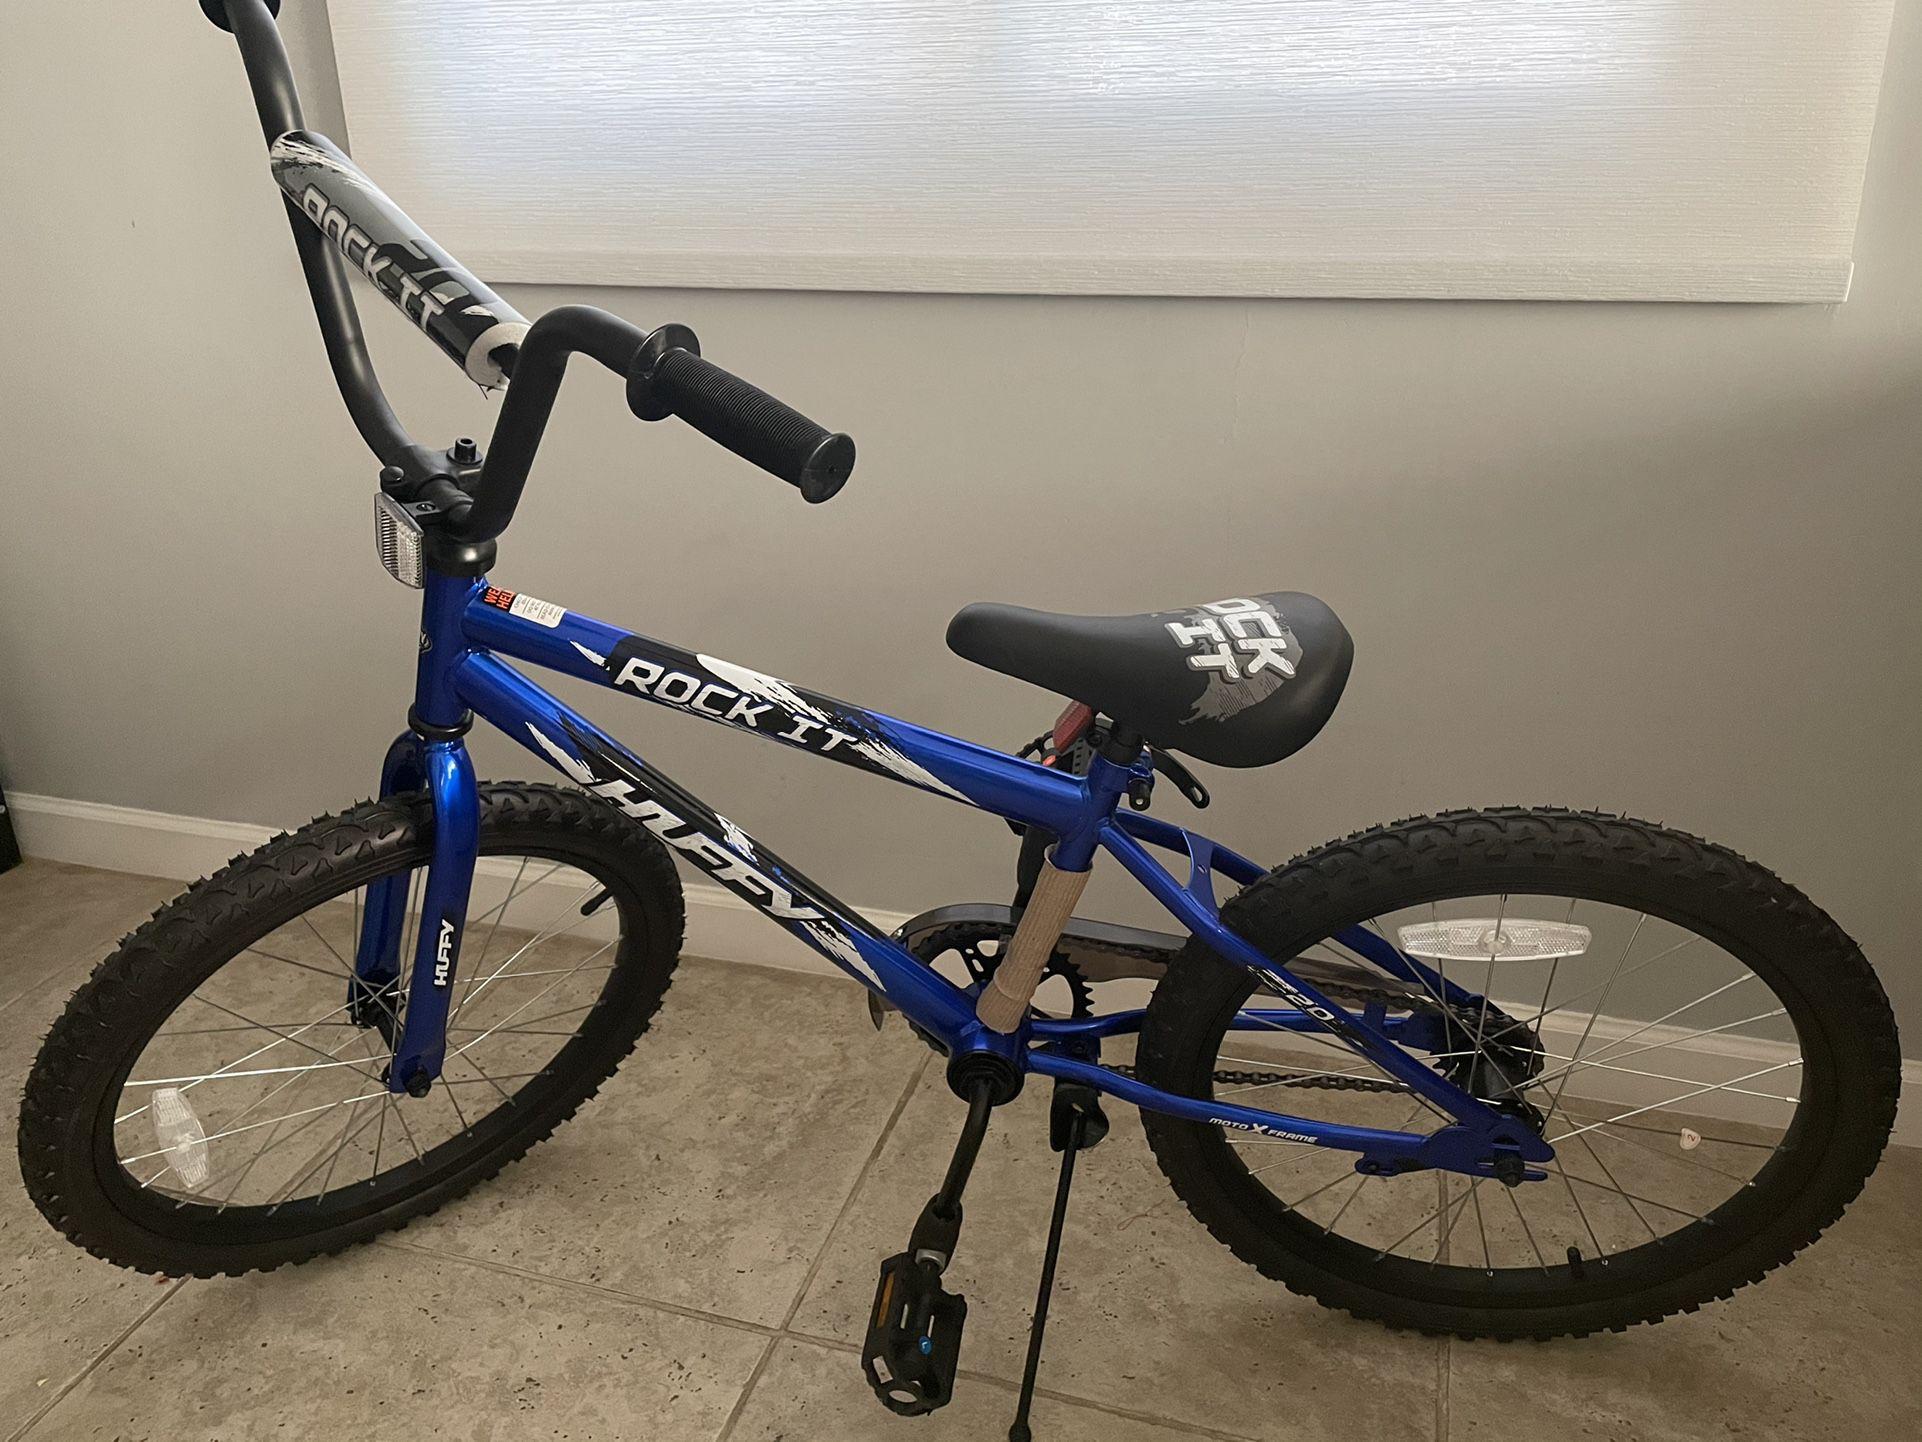 New Boys Bike